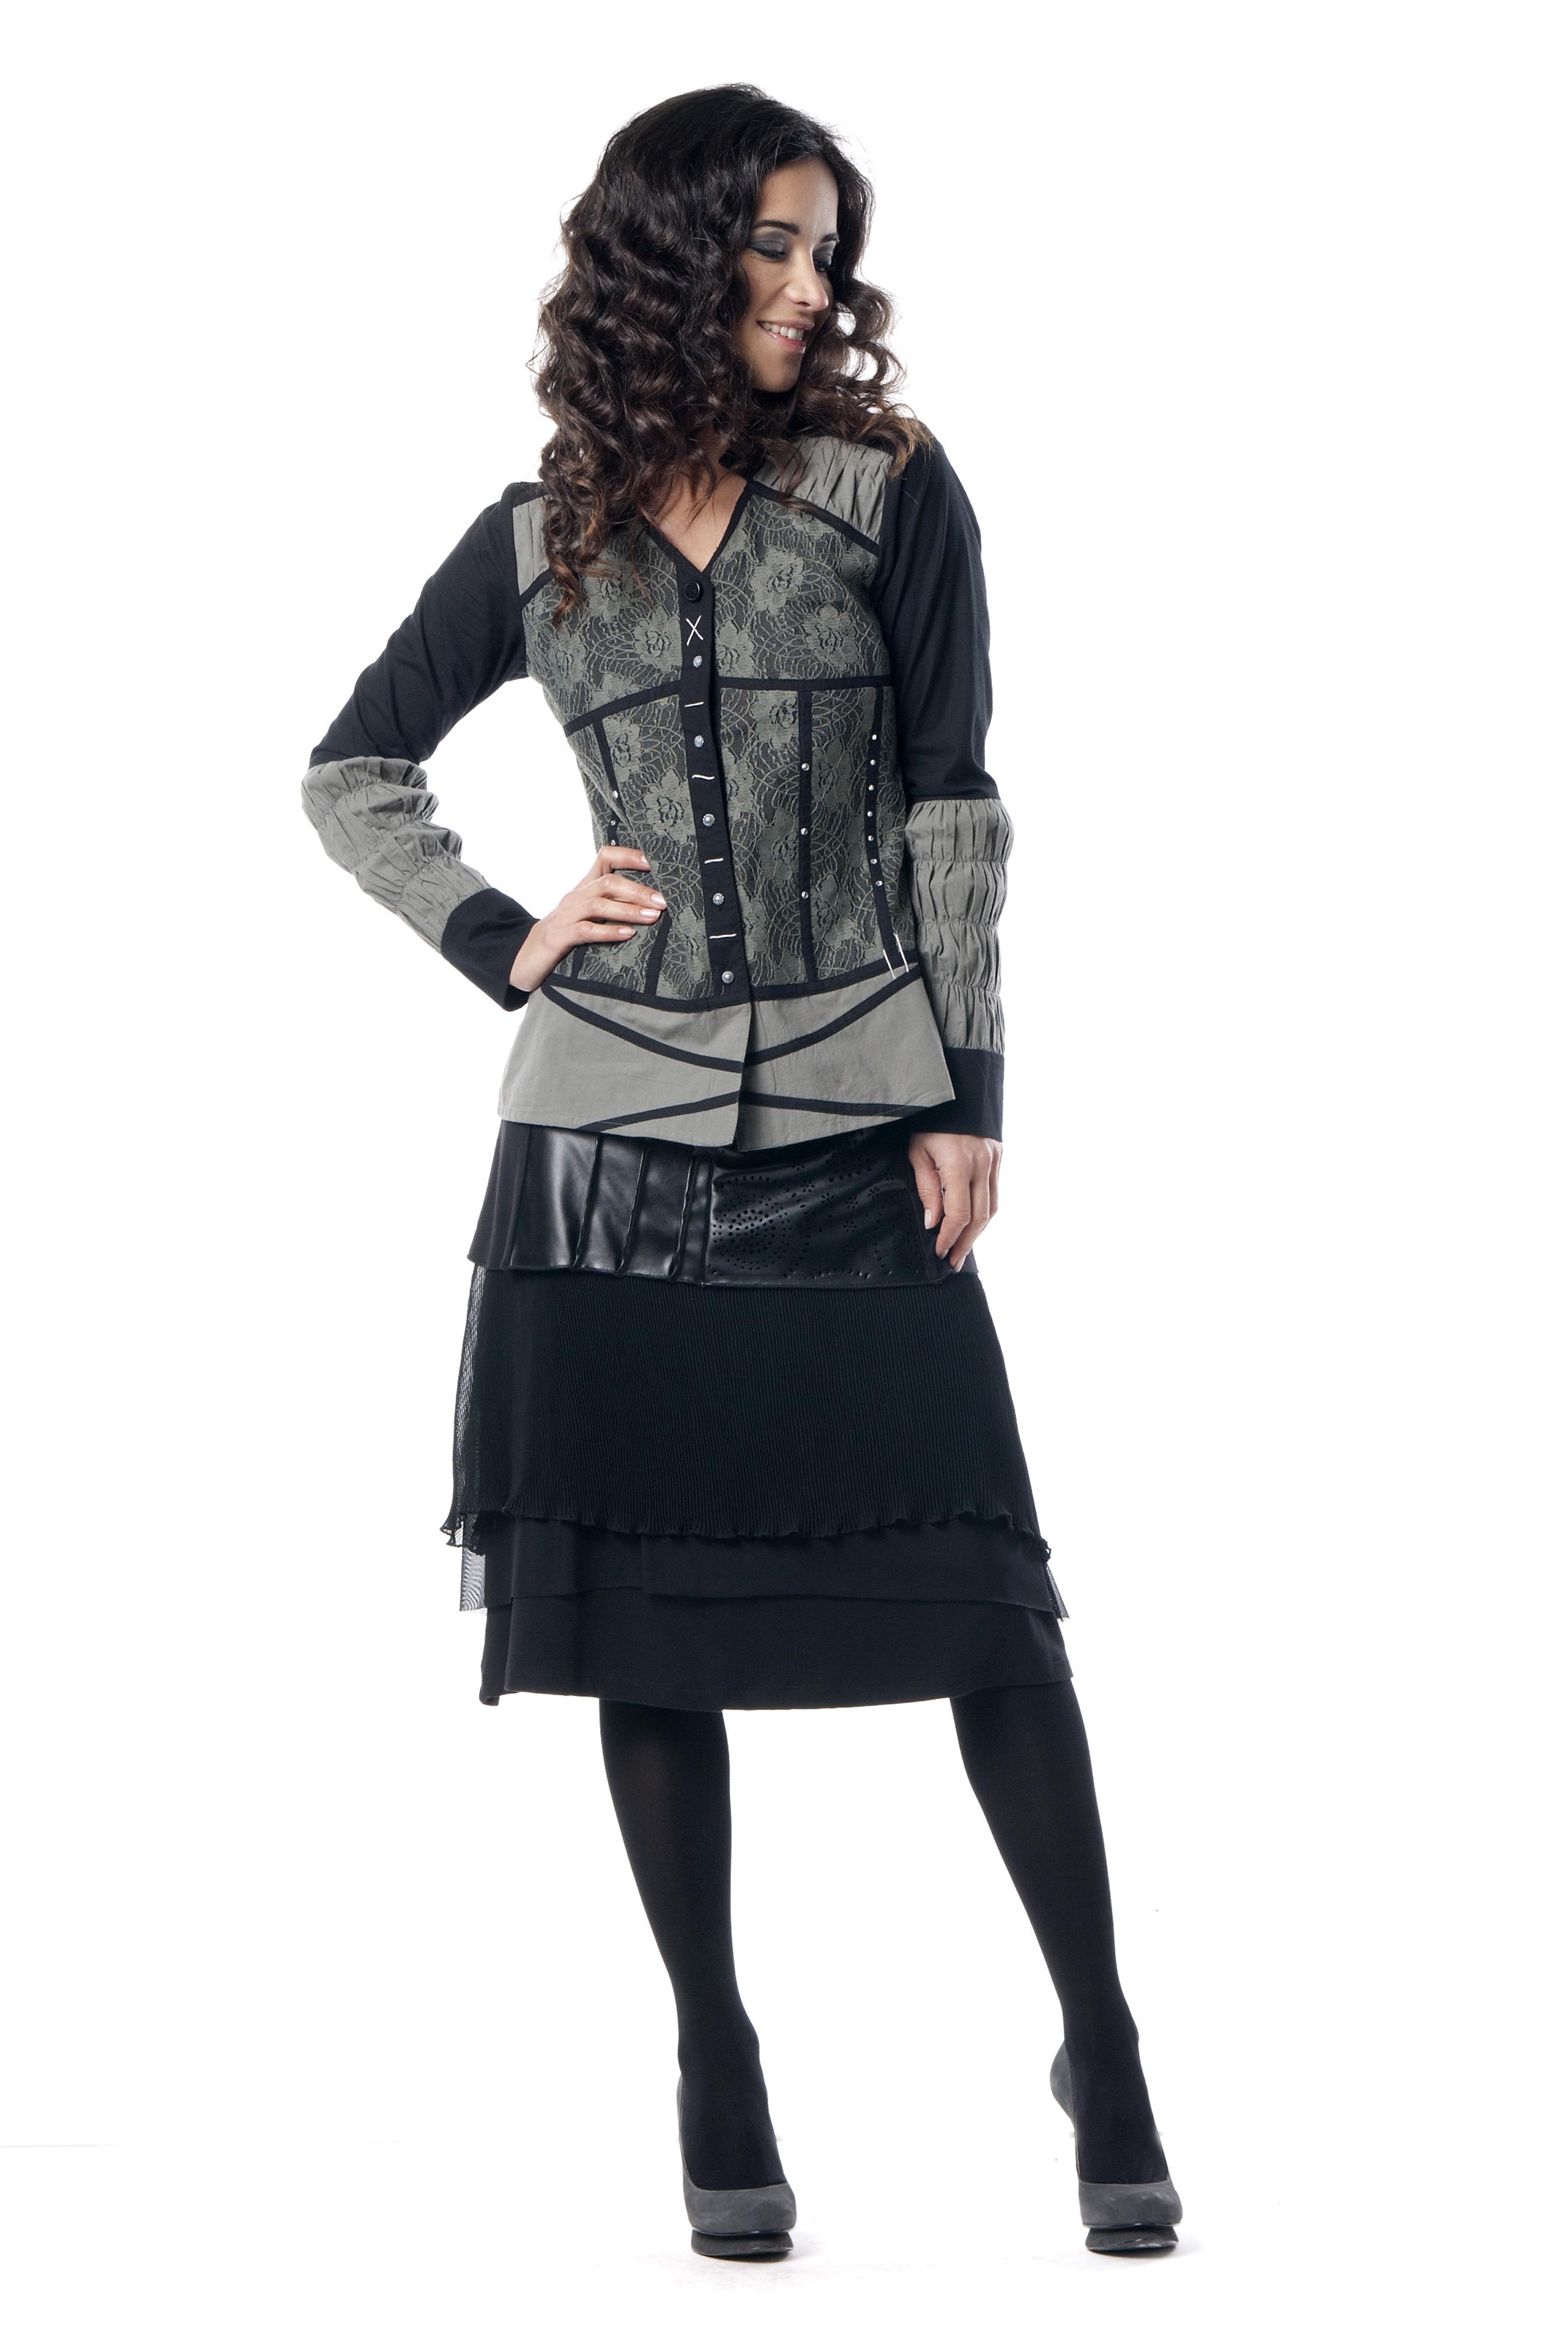 Les Fees Du Vent Couture: Femme Fatale Skirt LFDV_887613